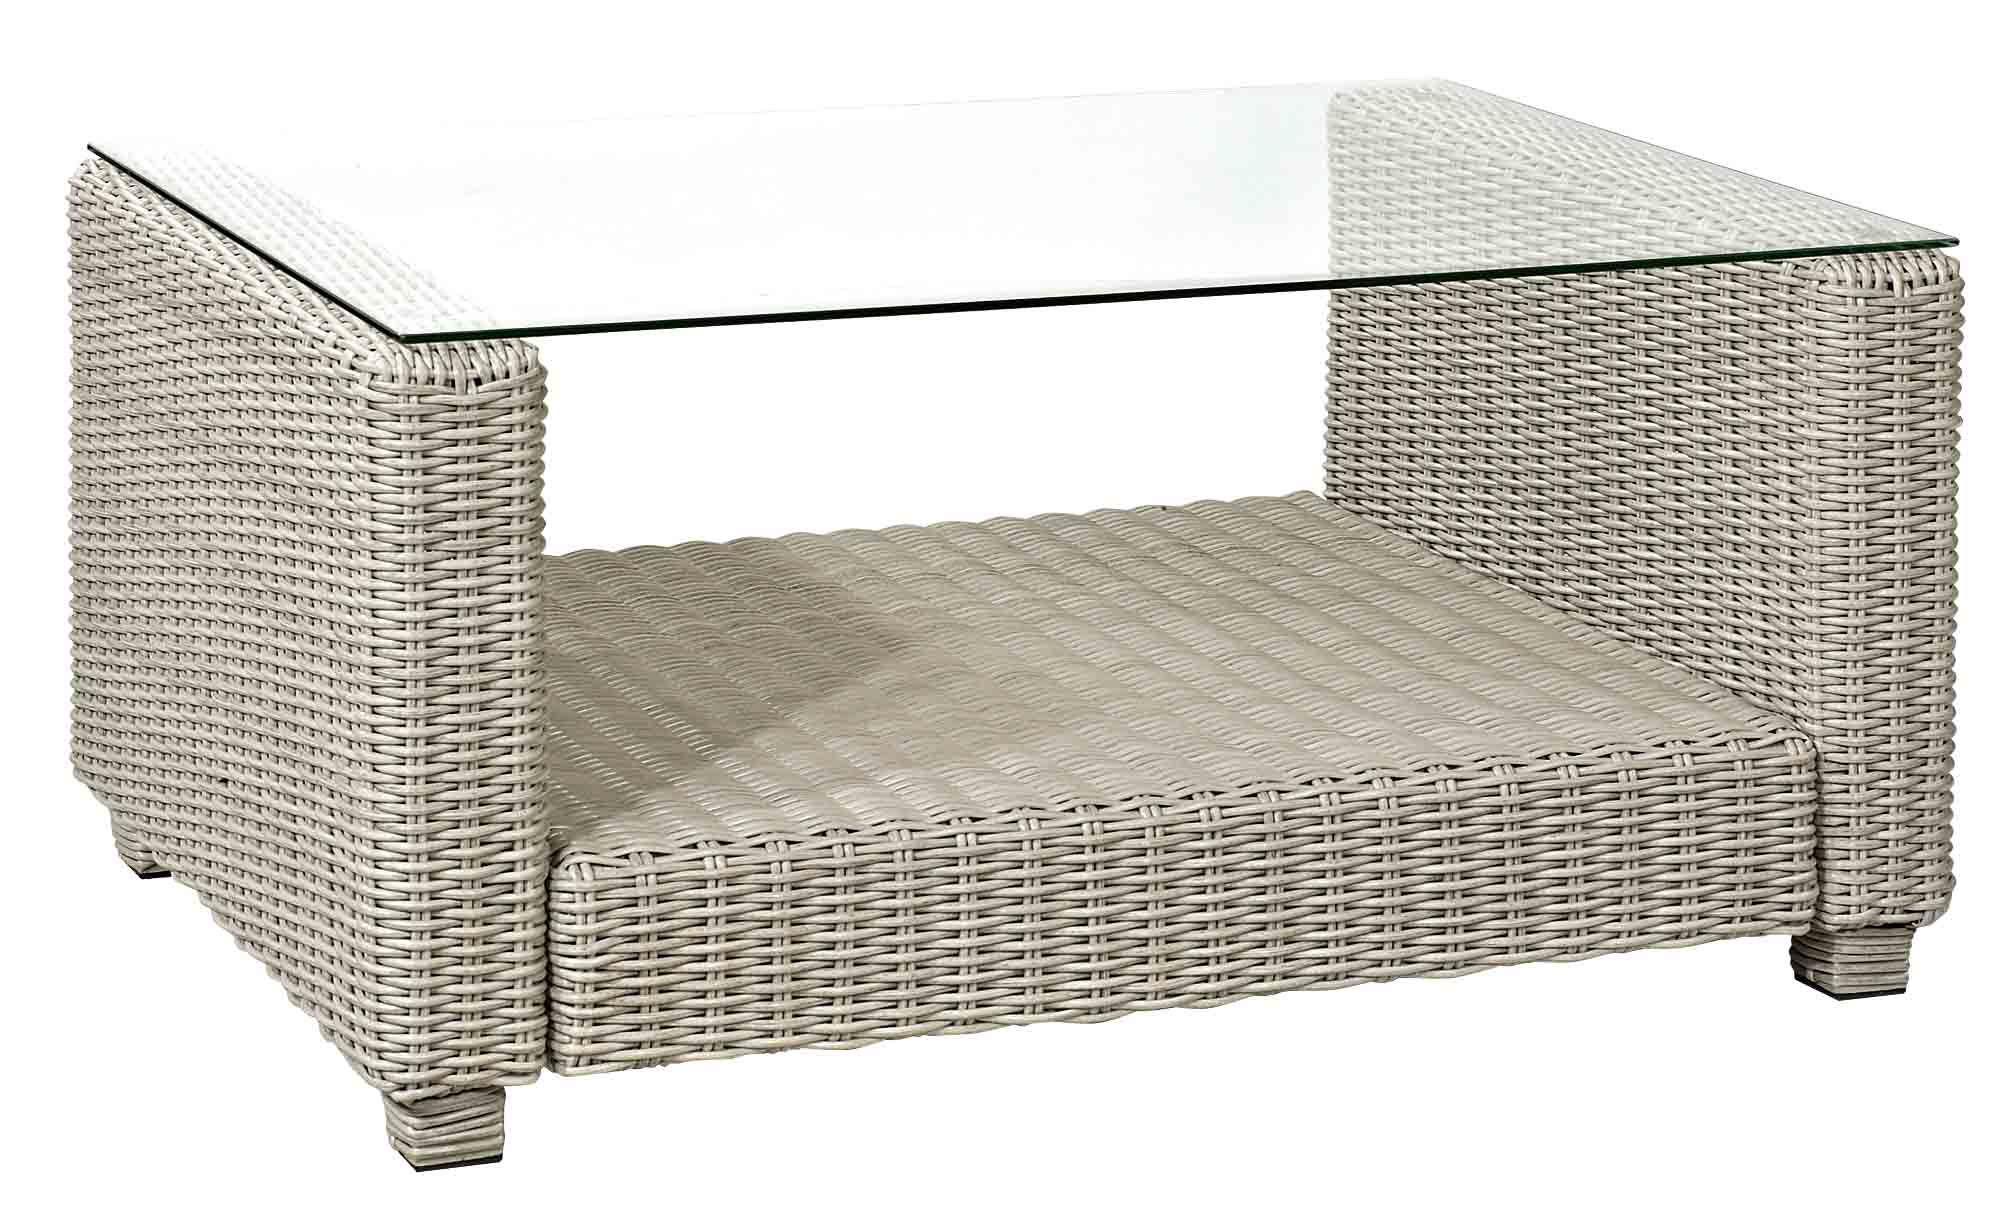 Full Size of Polyrattan Sofa Lounge Outdoor Set 2 Sitzer Balkon Couch Grau Tchibo Im Freien Garten Rattan Mbel Foto Auf Englisch Dauerschläfer Big L Form Esszimmer 3 Rund Sofa Polyrattan Sofa